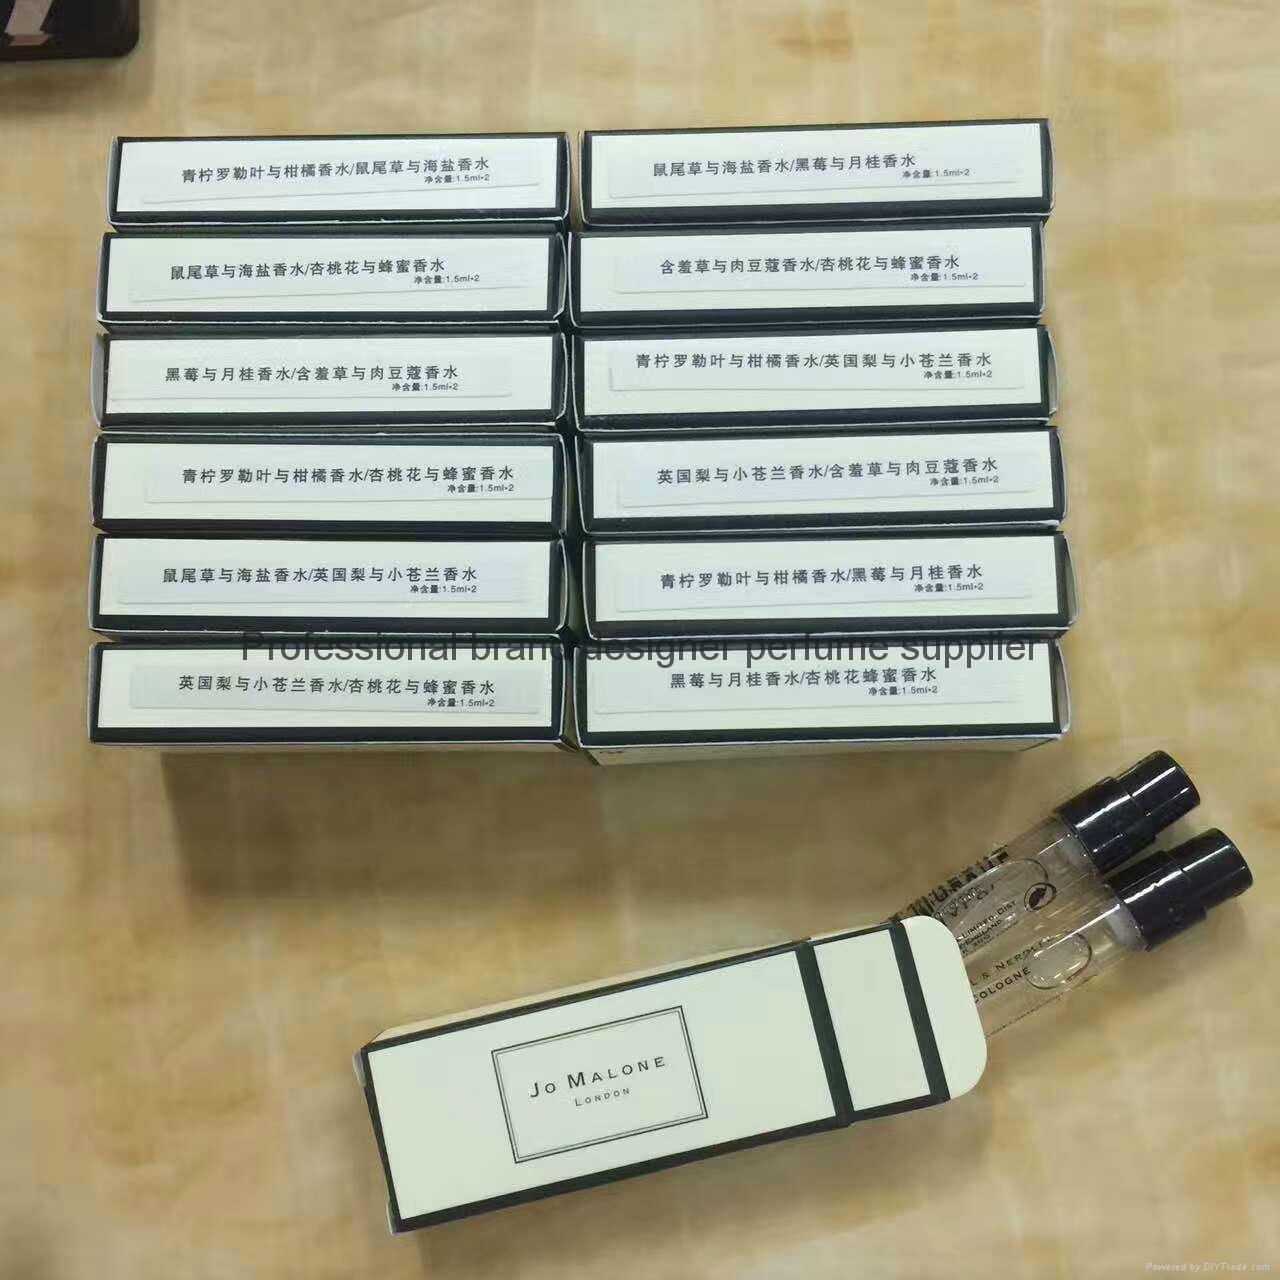 Jo malone Small size 9ml*2 perfume gift set 1